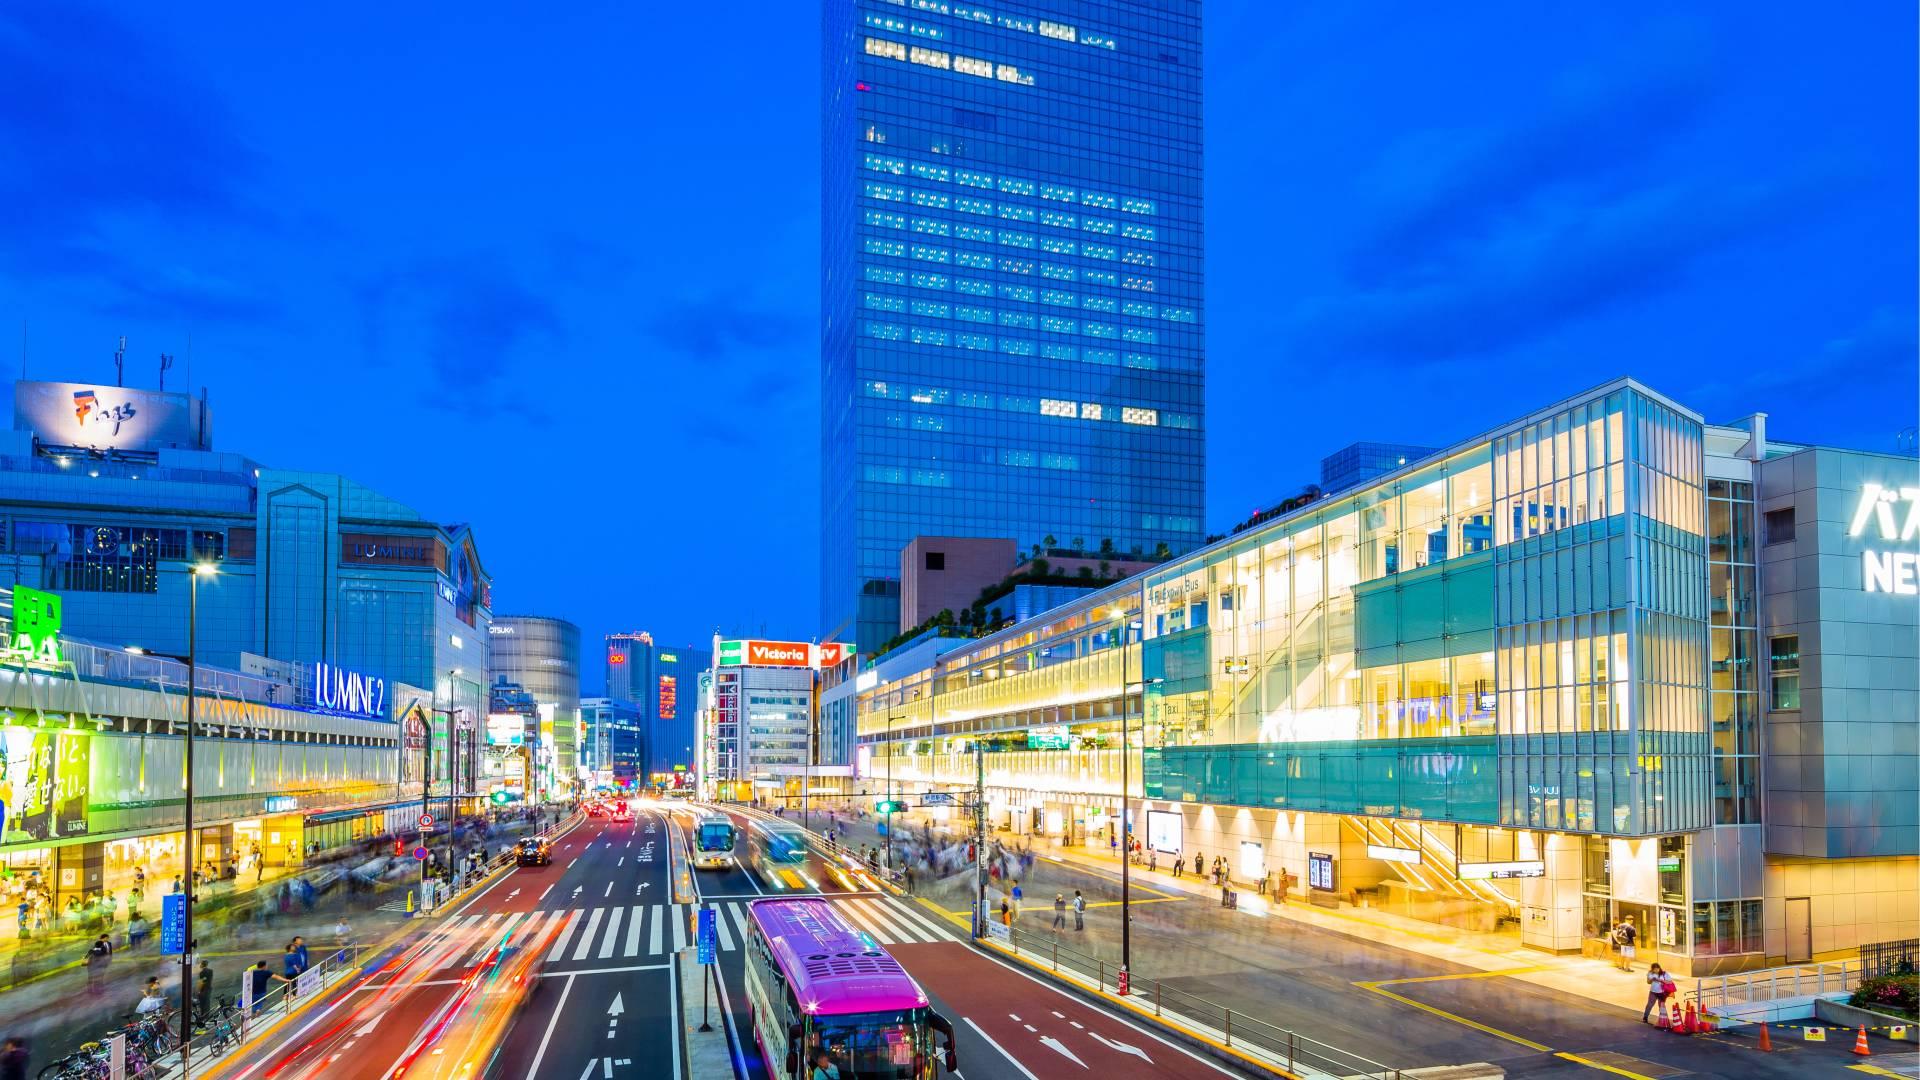 日本动漫-东京_东京交通信息_东京旅游官方网站GO TOKYO